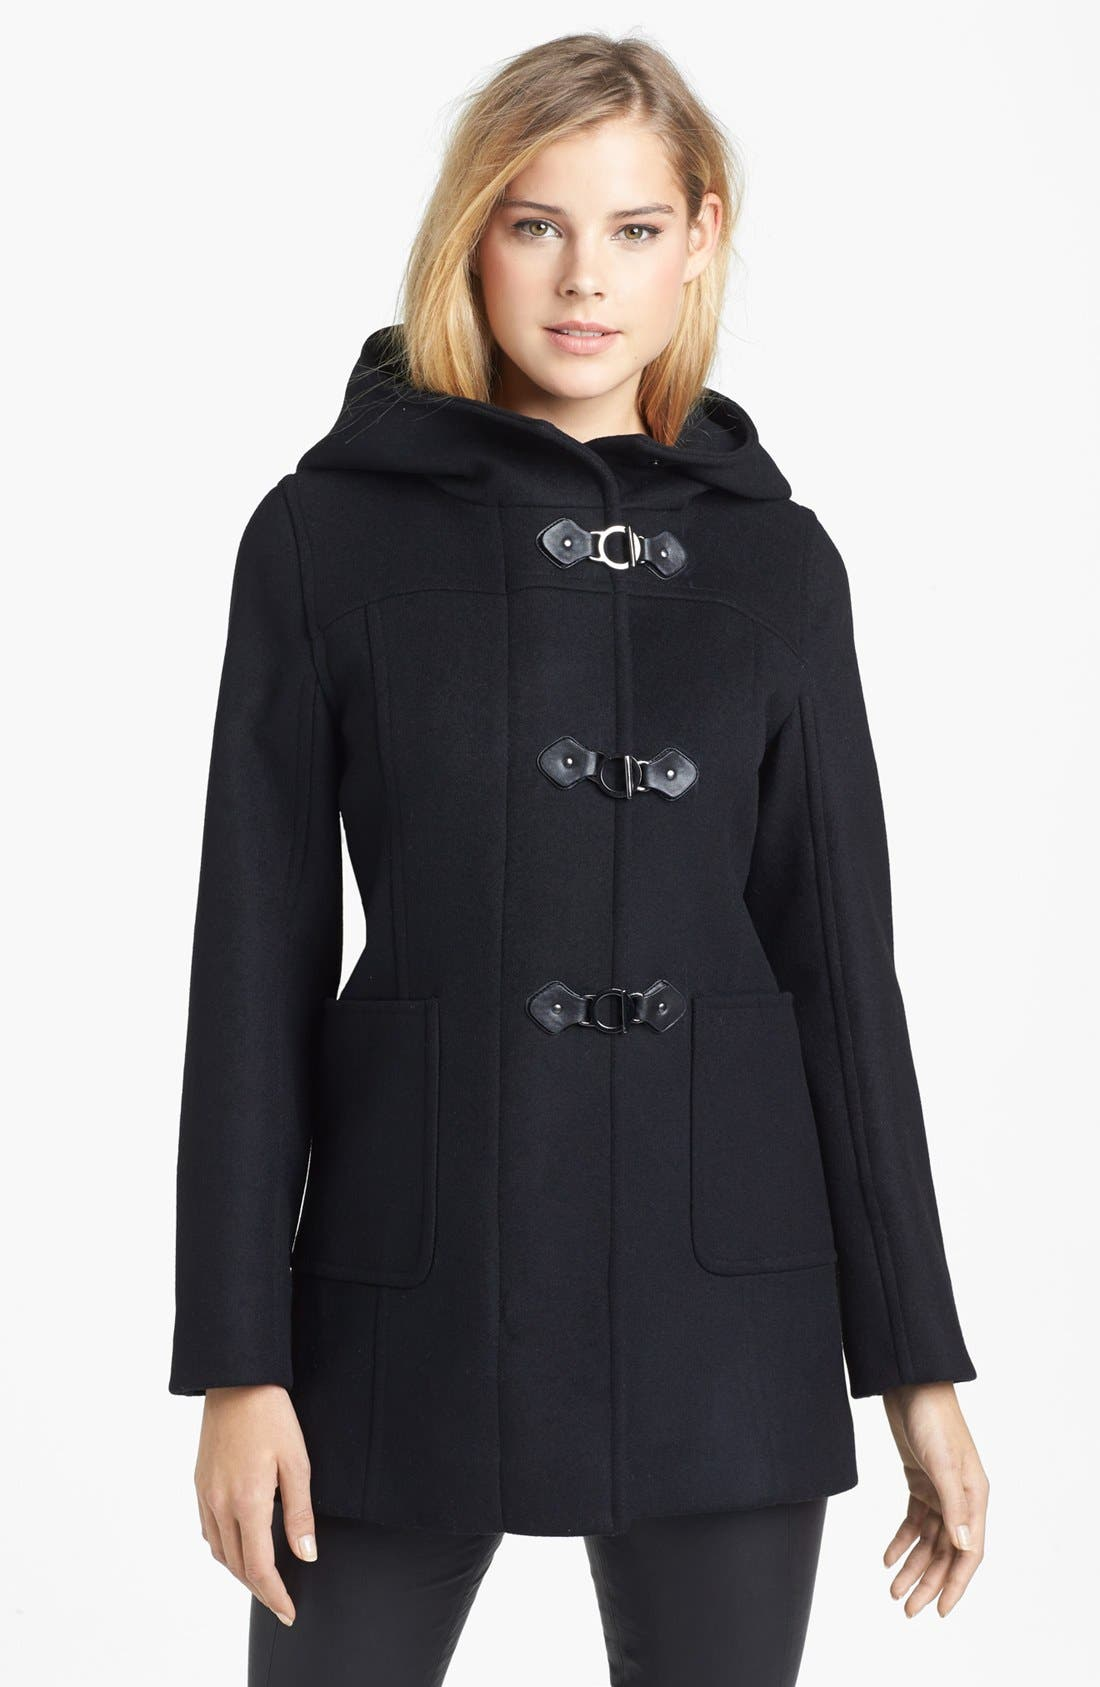 Alternate Image 1 Selected - Kristen Blake Hooded Wool Blend Duffle Coat (Nordstrom Exclusive)